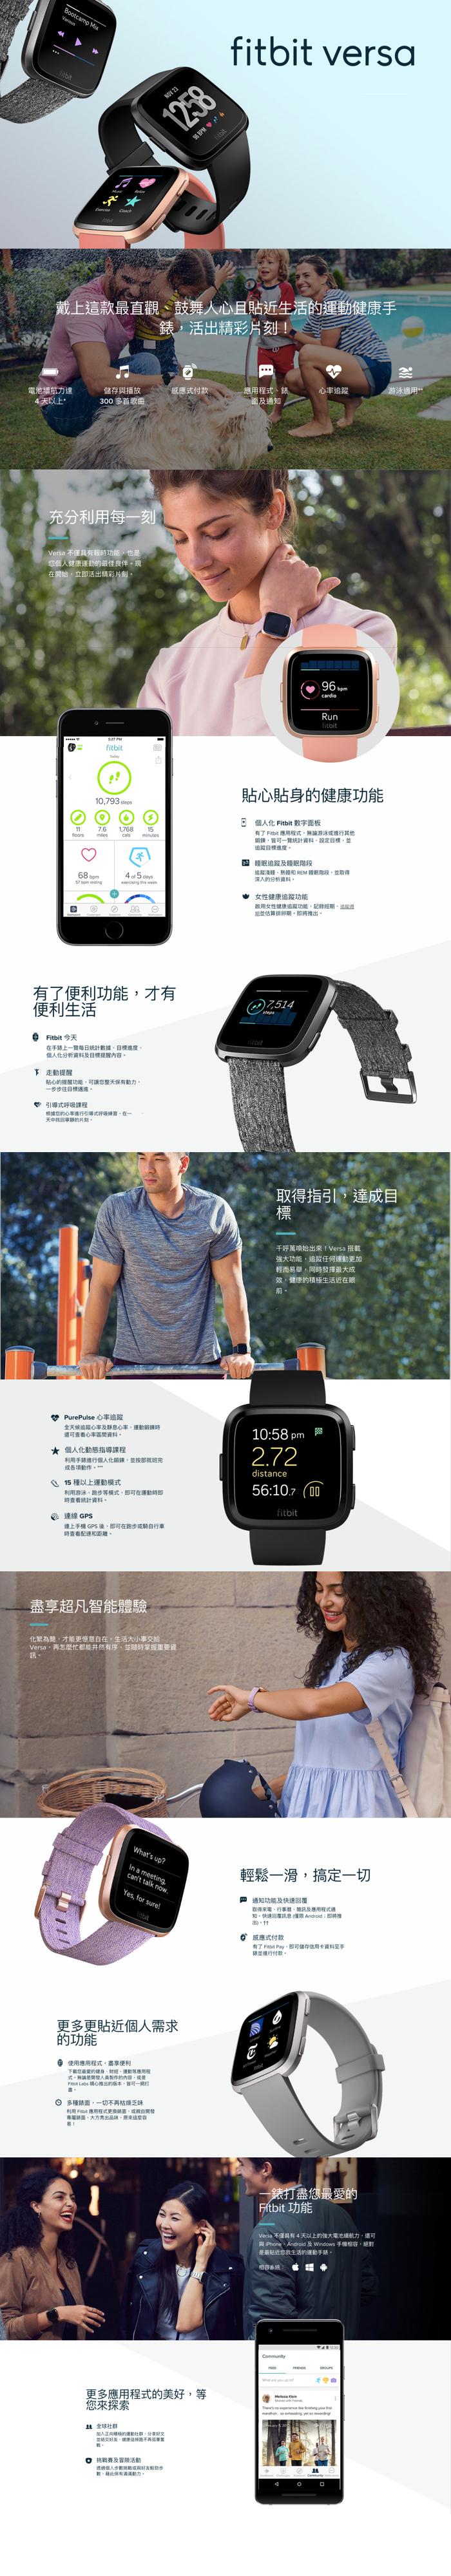 fitbit versa 香港 行貨 hong kong smart watch FITBIT special body